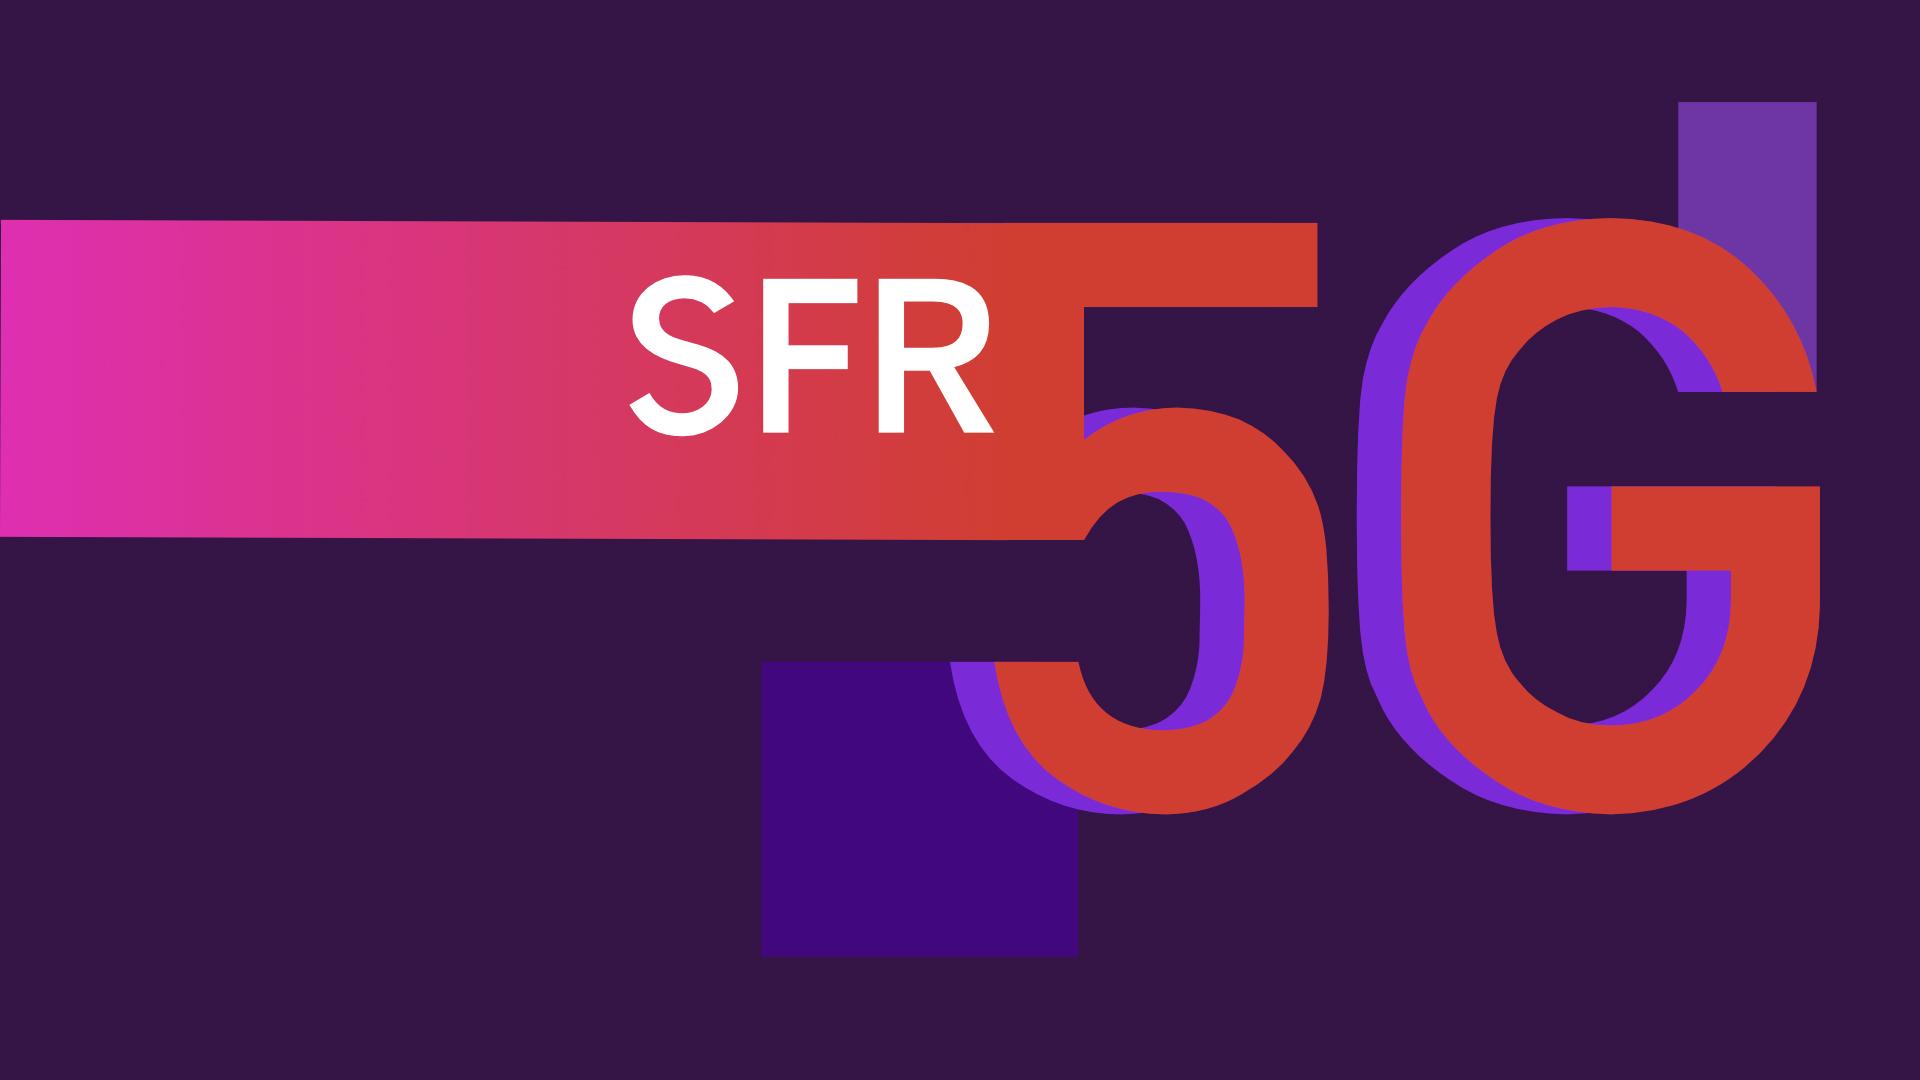 5G: SFR et Bouygues Telecom échouent face à la loi «anti-Huawei»